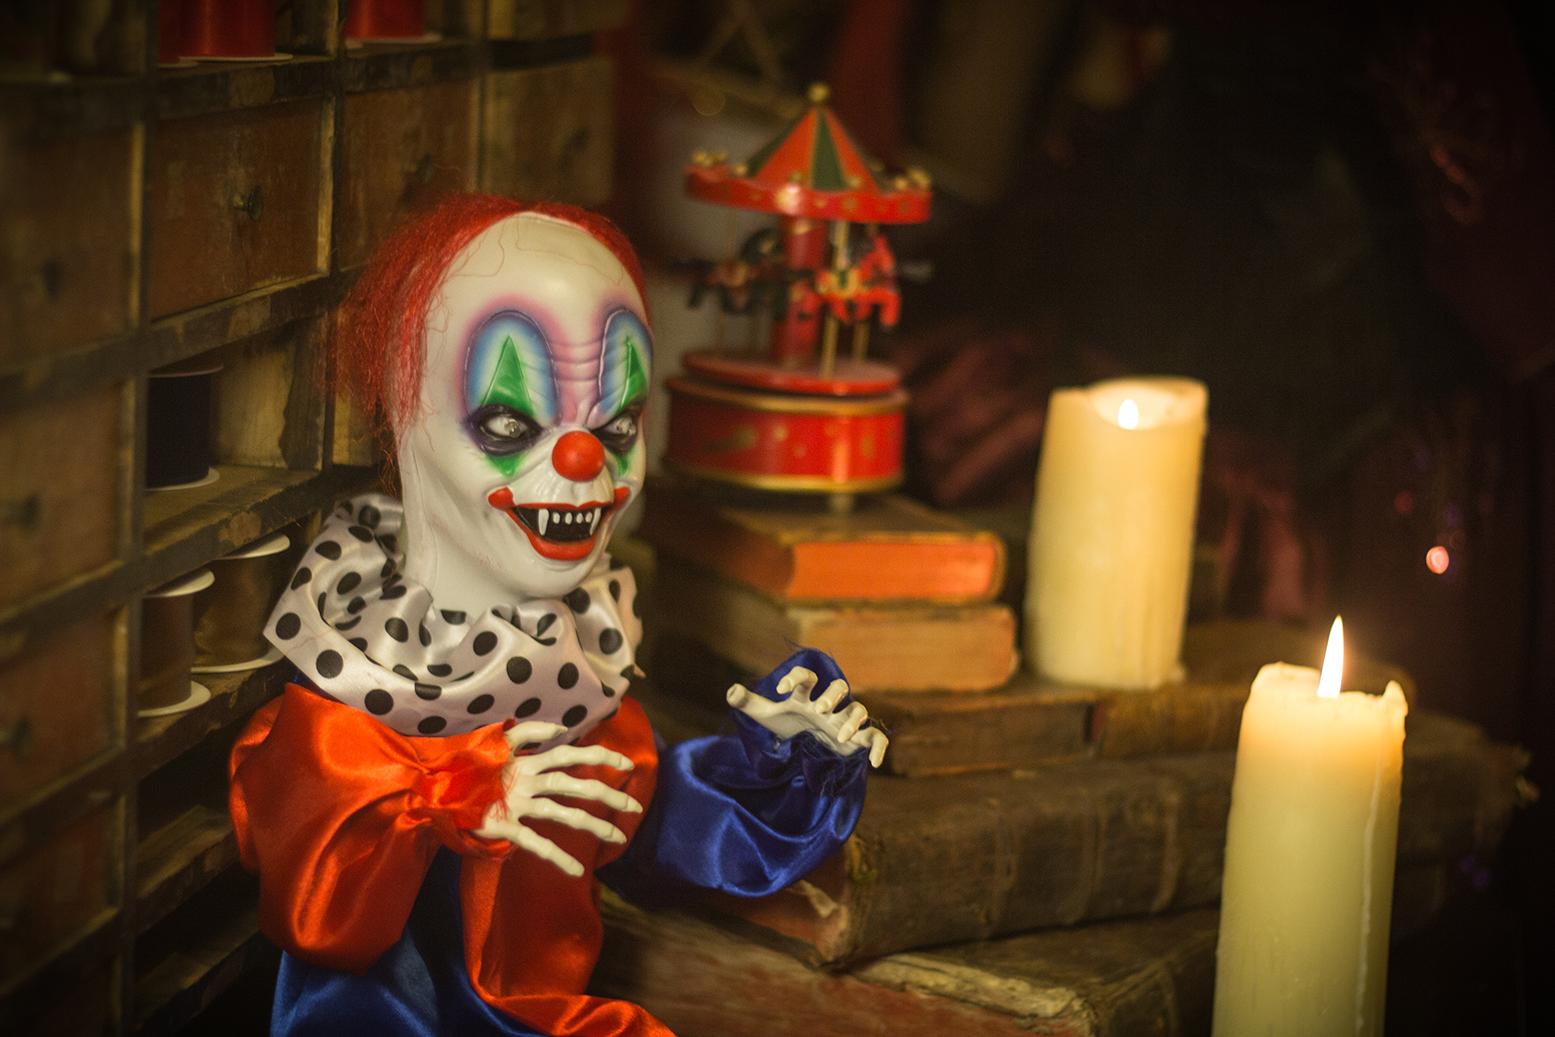 D corer sa maison pour halloween blog jour de f te - Decorer sa maison pour halloween ...